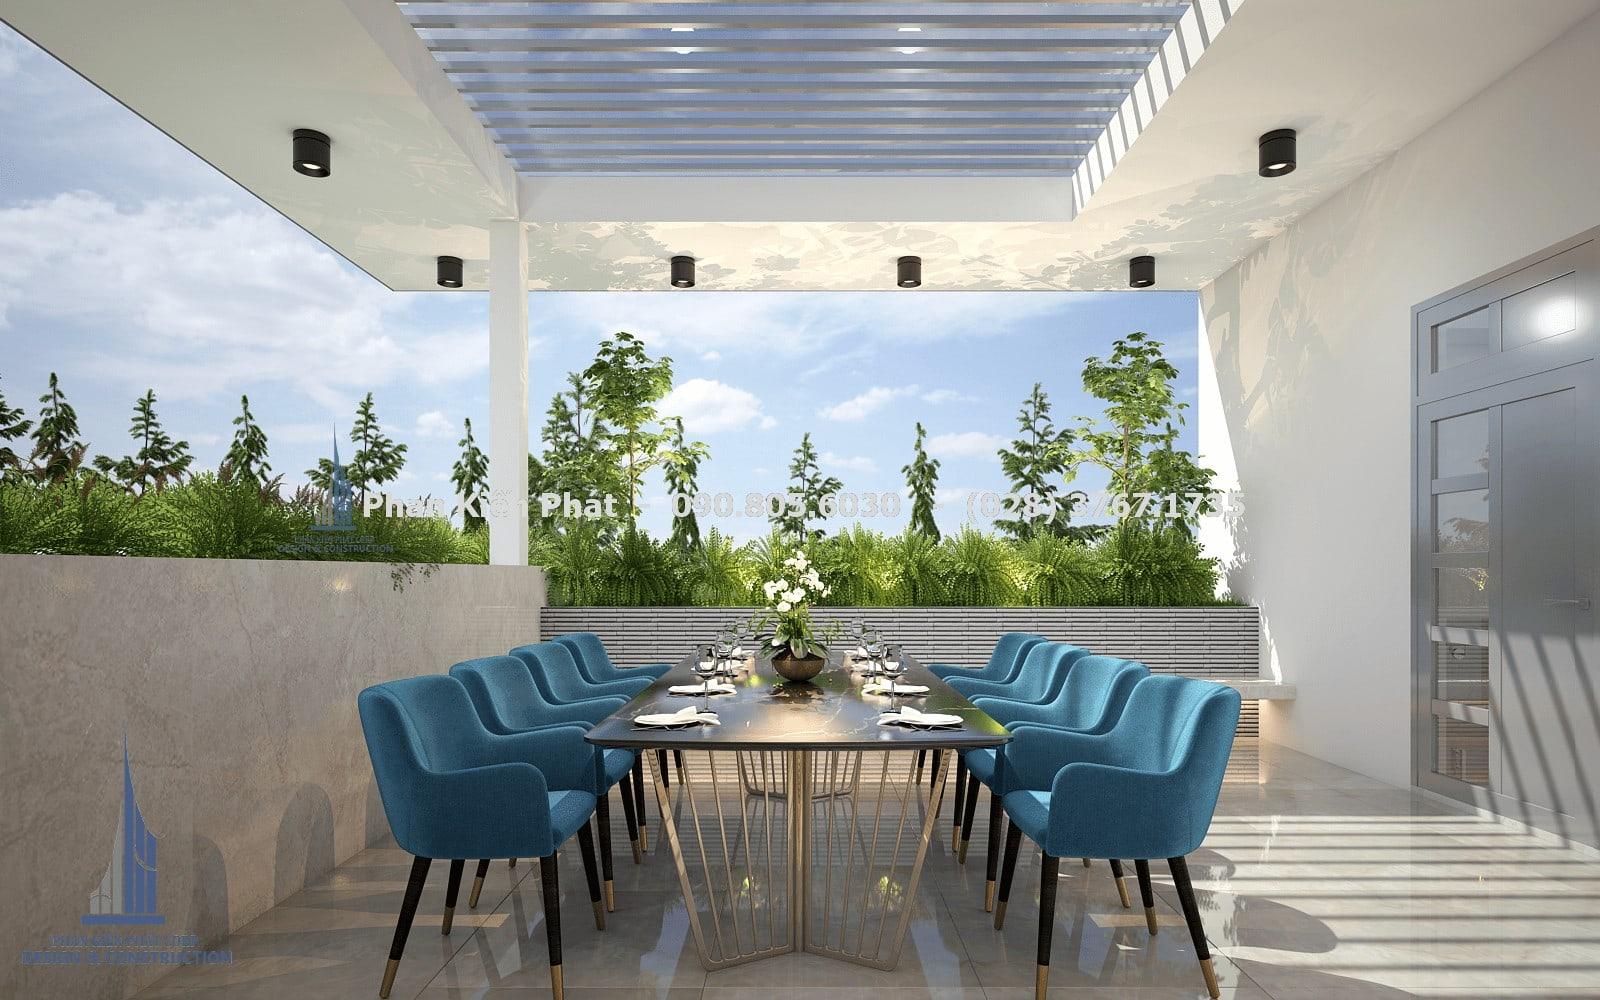 Thiết kế phòng ăn trên sân thượng, cây cảnh được bao quanh tạo cảm giác mát mẻ góc 2